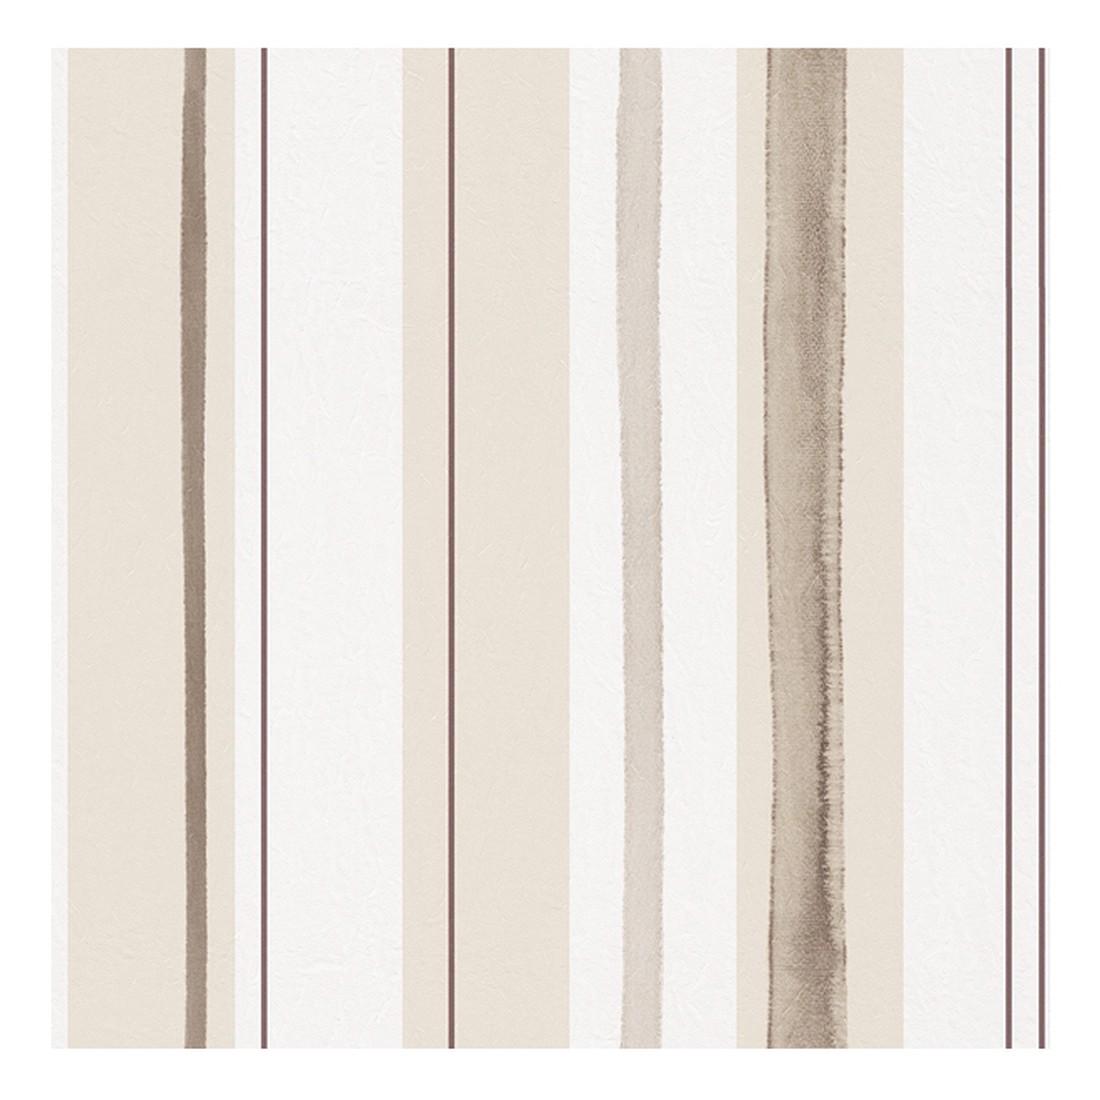 Papiertapete Aquarelle – weiß, beige, braun, glänzend – glatt, Home24Deko günstig online kaufen